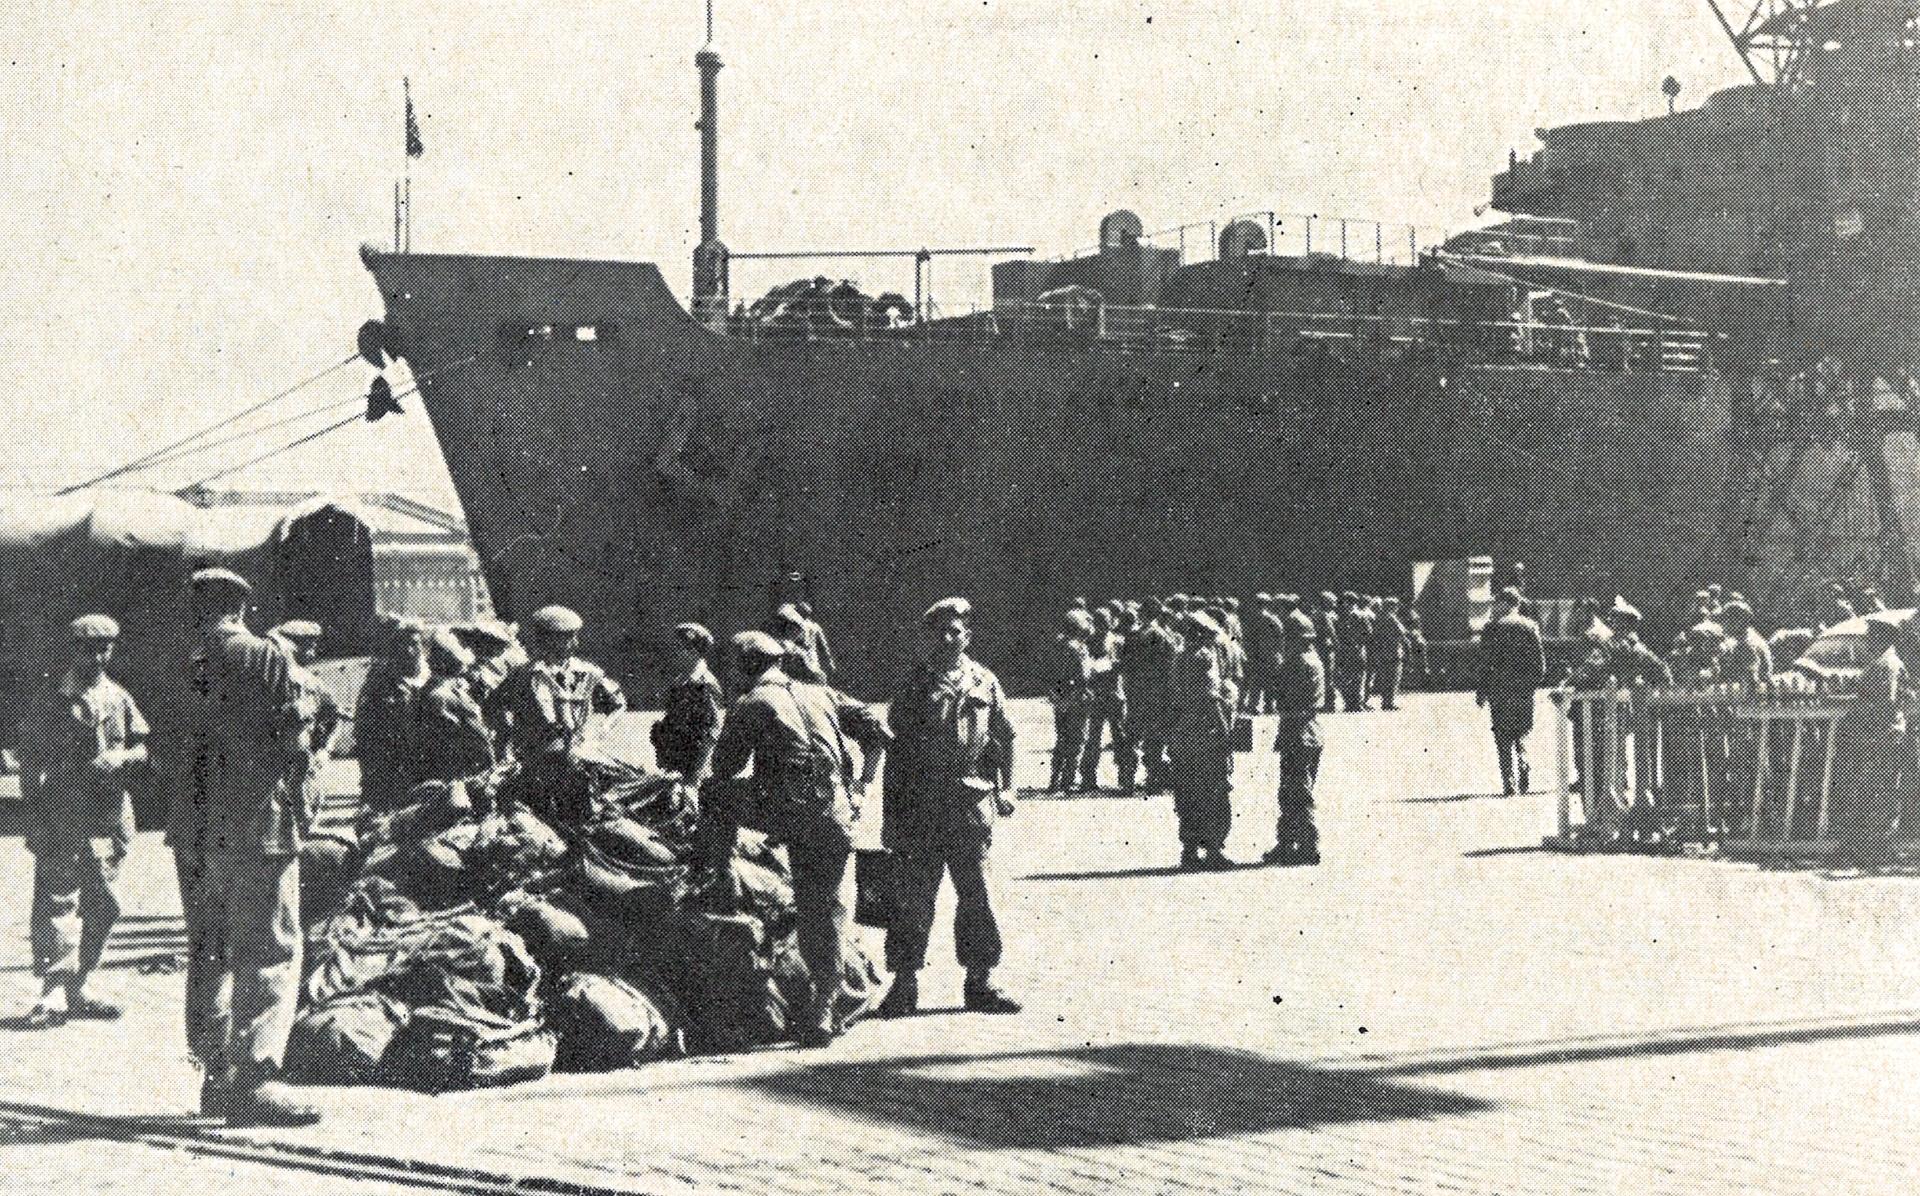 Les Forces Armées Royales au Congo - ONUC - 1960/61 32226515851_58466ec934_o